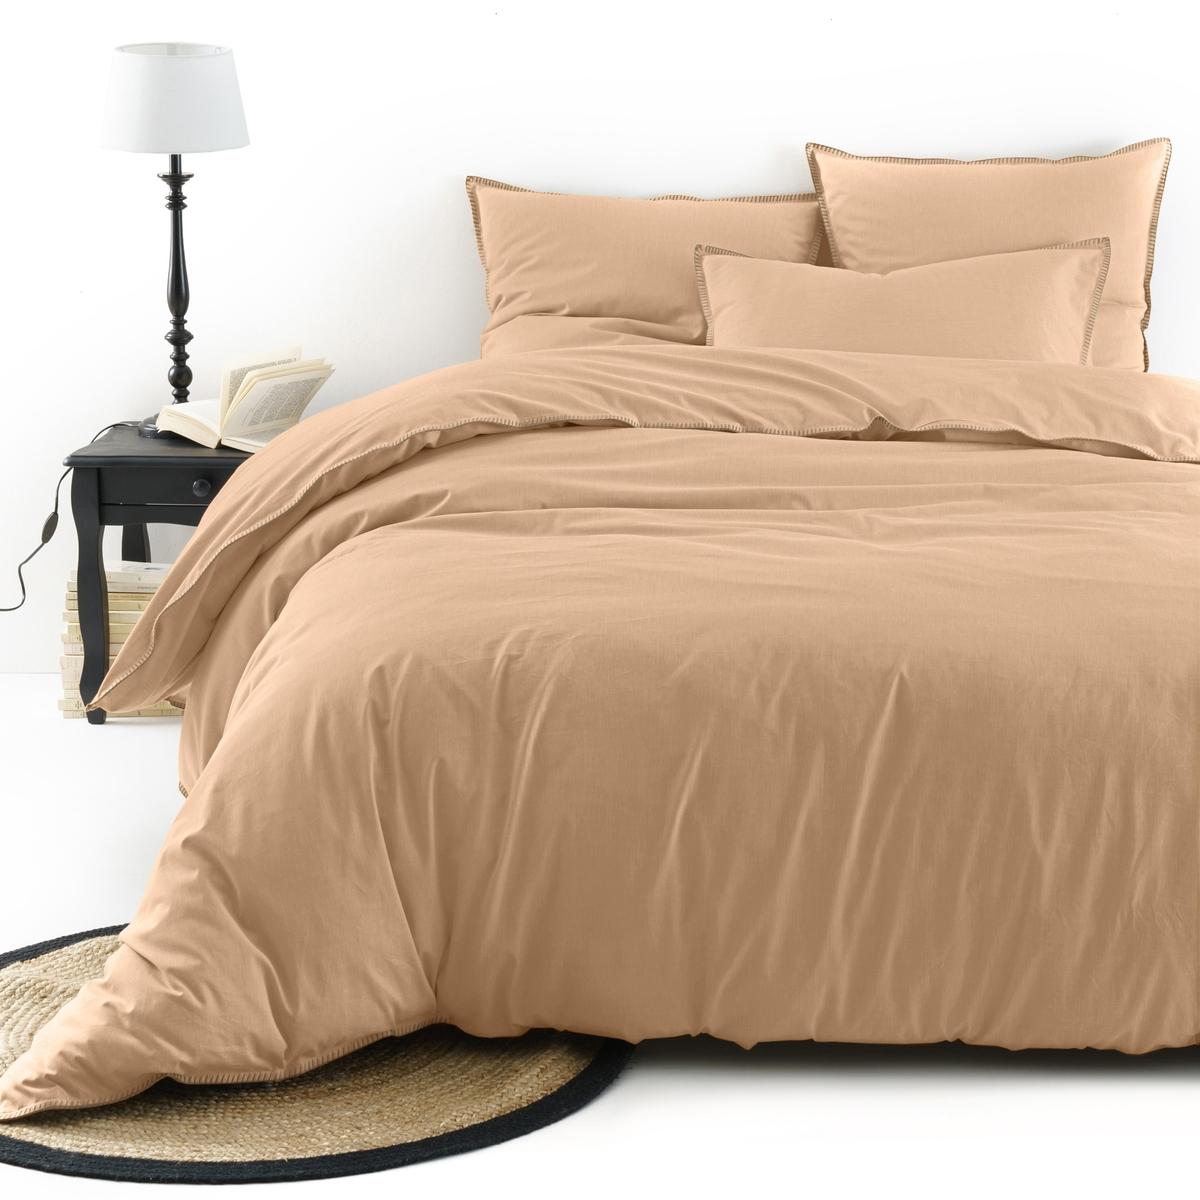 Пододеяльник из шамбре, KOLZAПододеяльник из ткани шамбре Kolza. Постельное белье Kolza модных расцветок из ткани шамбре, 100% хлопок, комфортное и очаровательное постельное белье в минималистском стиле.Характеристики пододеяльника Kolza : Ткань шамбре, 100% хлопок, качество Best, 57 нитей/см? : чем больше нитей/см?, тем выше качество материала.Прямой низ с застежкой на пуговицы.Отделка в виде контрастных швов цвета небеленой ткани. Машинная стирка при 60 °С.Весь комплект постельного белья из шамбре Kolza Вы найдете на laredoute.ruЗнак Oeko-Tex® гарантирует, что товары прошли проверку и были изготовлены без применения вредных для здоровья человека веществ.Размеры : 140 x 200 см : 1-сп. 200 х 200 см : 1-2-сп. 240 х 220 см : 2-сп. 260 х 240 см : 2-сп.<br><br>Цвет: желтый кукурузный,сероватый,серо-зеленый,серо-коричневый,терракота<br>Размер: 240 x 220  см.140 x 200  см.200 x 200  см